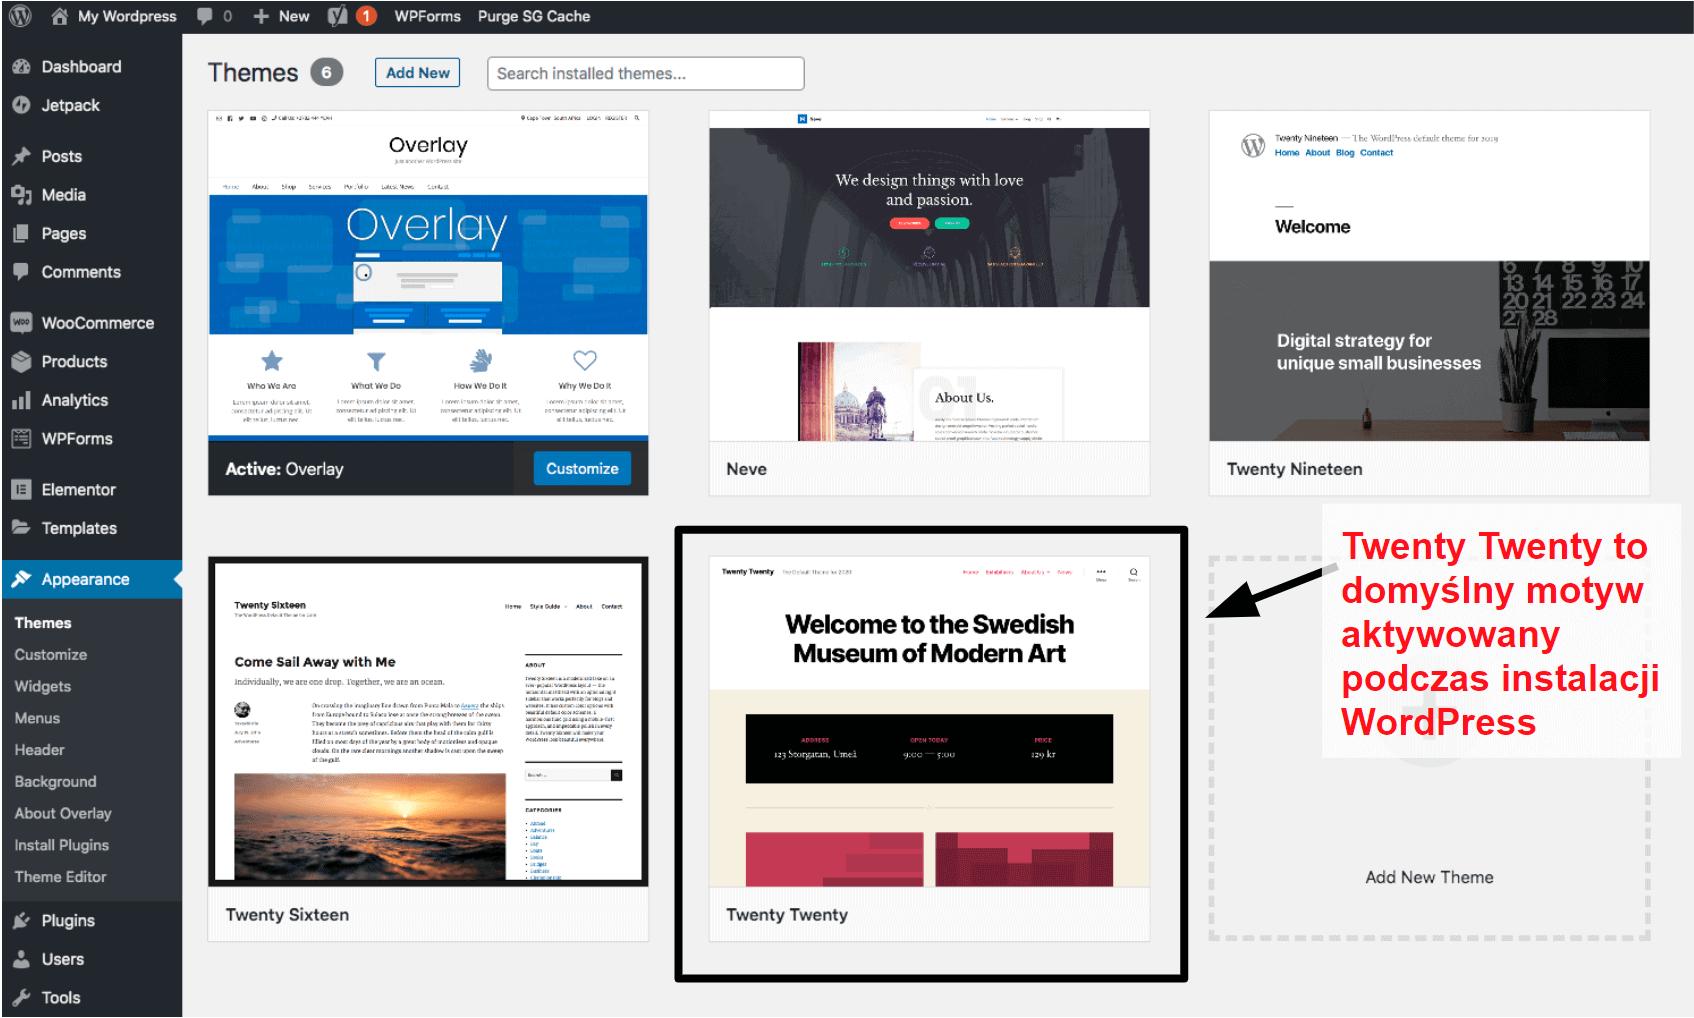 Jak stworzyć witrynę w 2020: Kompletny poradnik krok po kroku